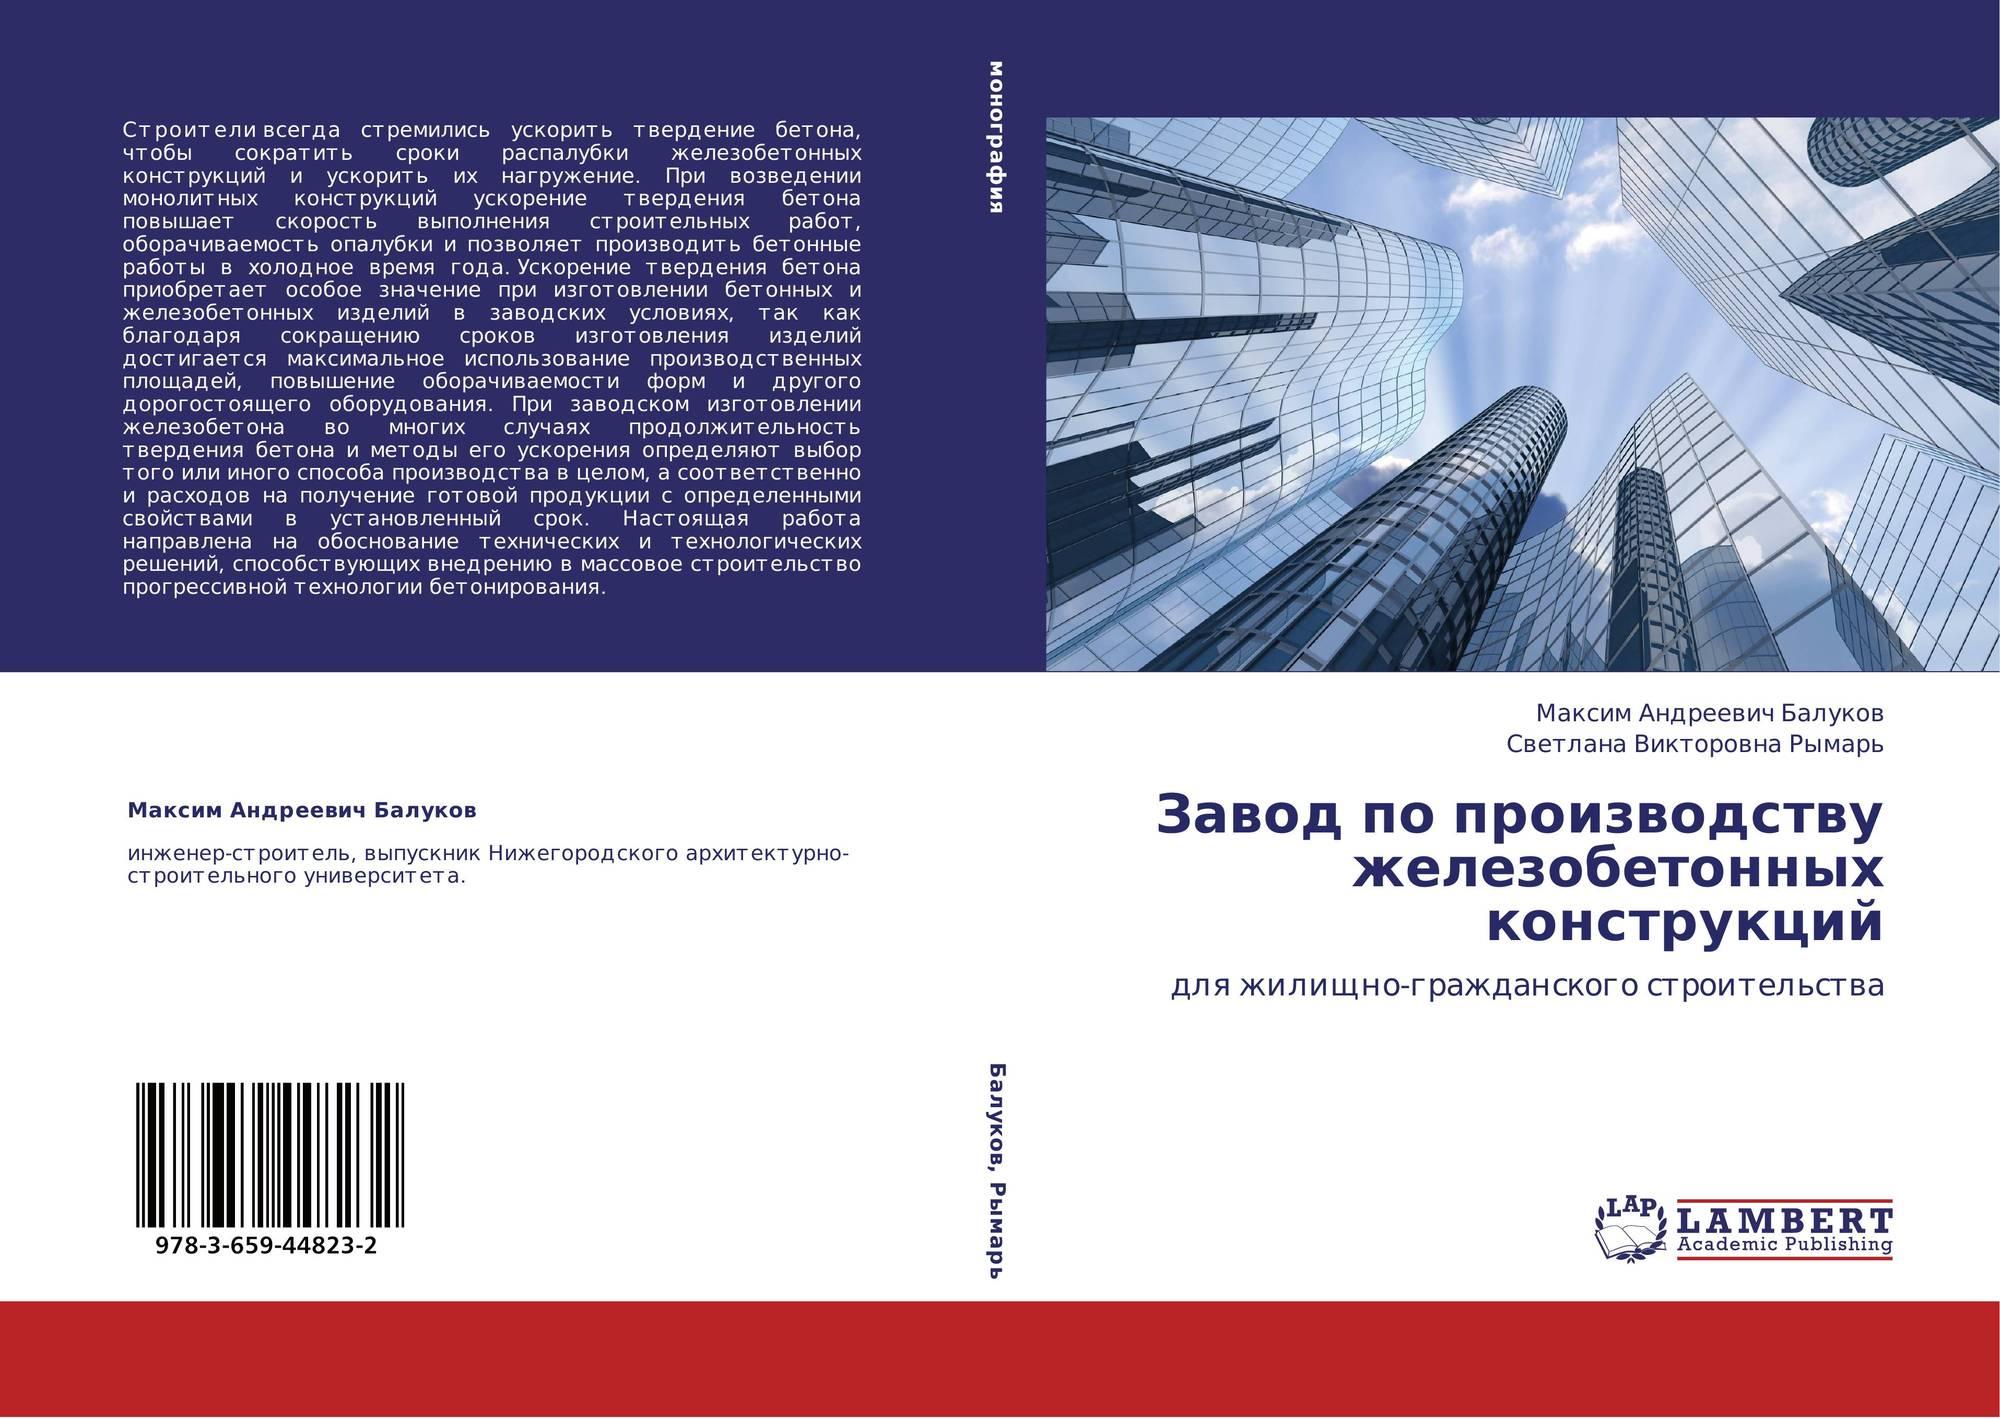 Конструкции заводов по производству бетона купить бетон контакт в брянске